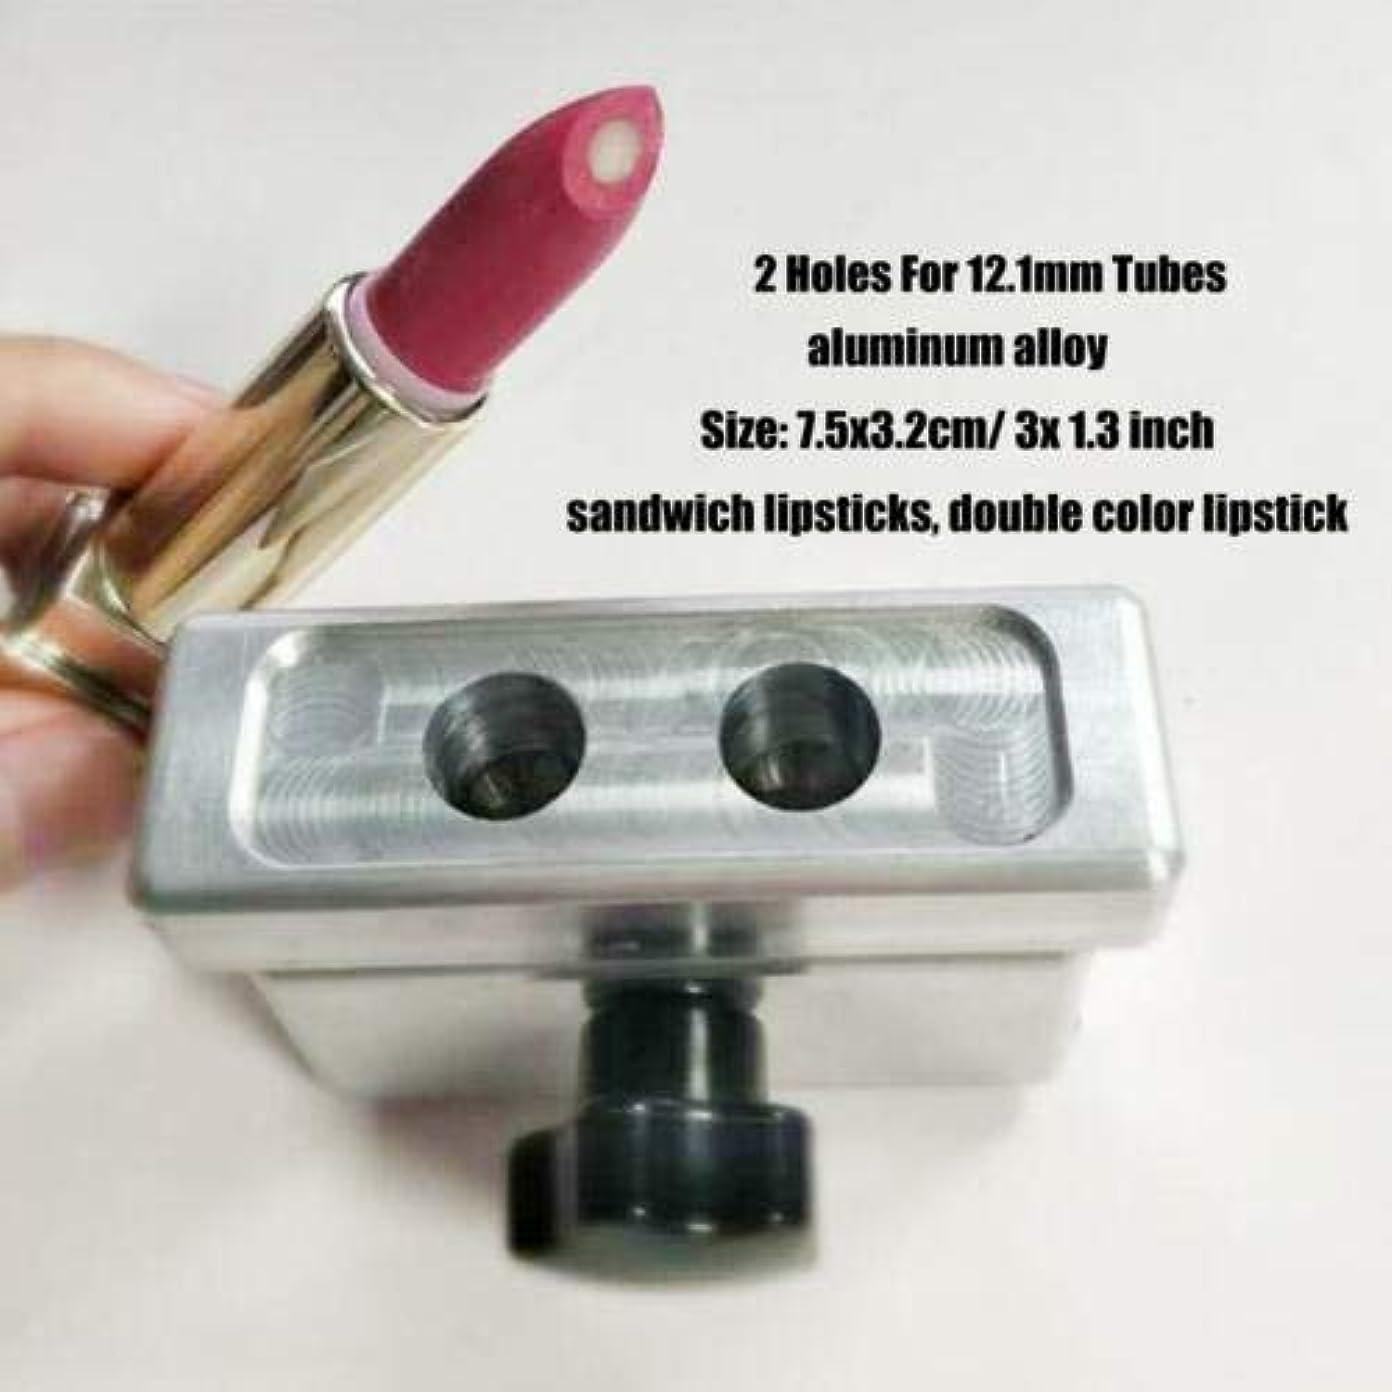 代表するボトルエステートFidgetGear DIY口紅型リップスティック型メーカー2 4 6穴用9 mm 11.1 mm 12.1 mmチューブ #5(2穴12.1mm)